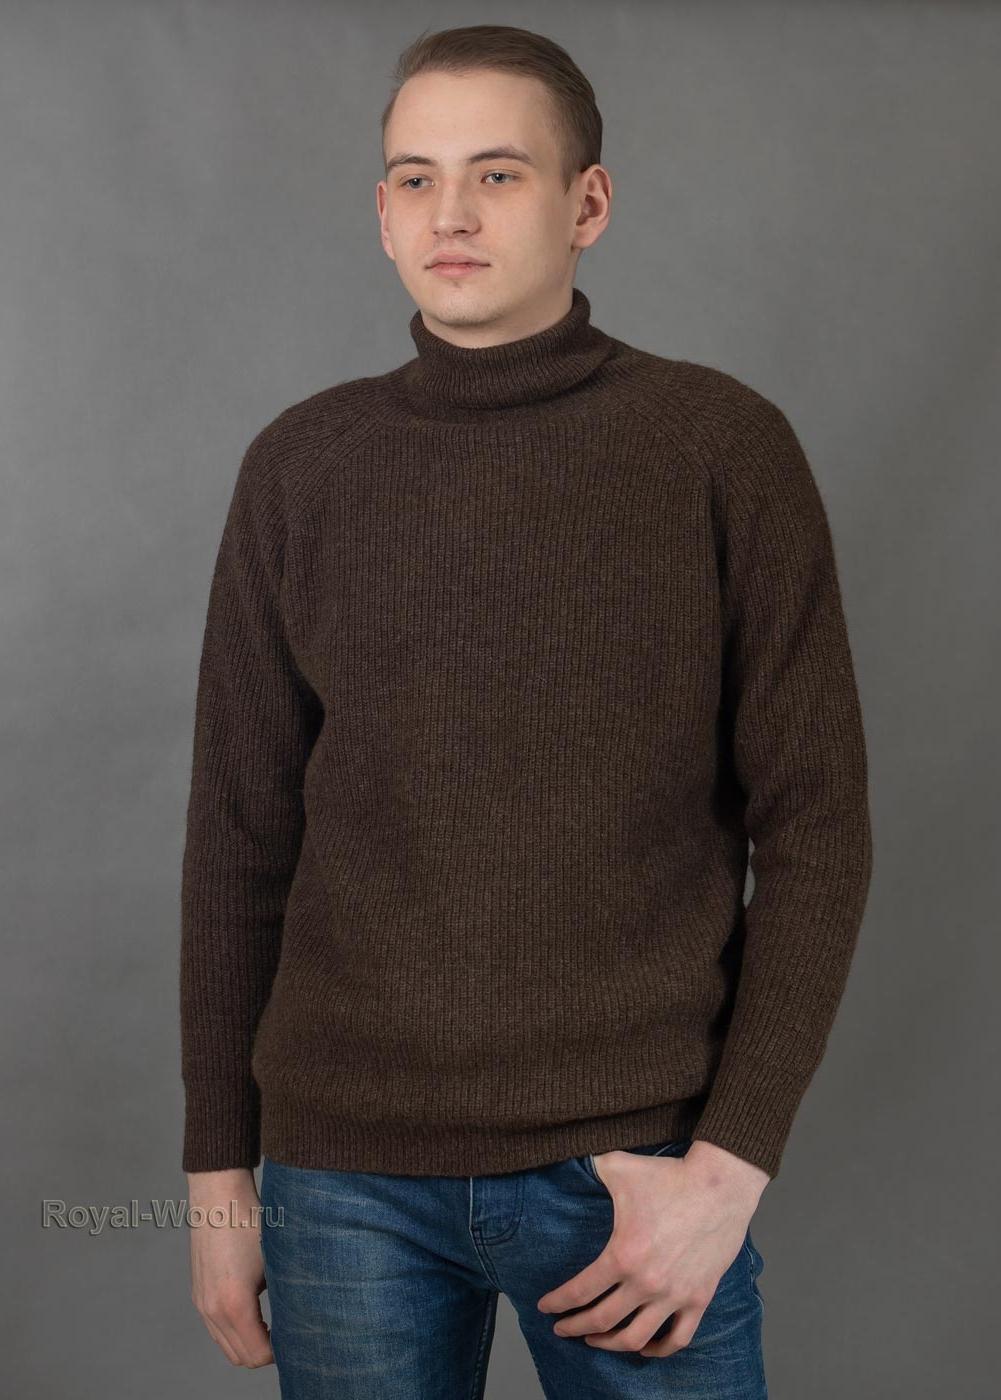 пряжа для мужского свитера купить в москве